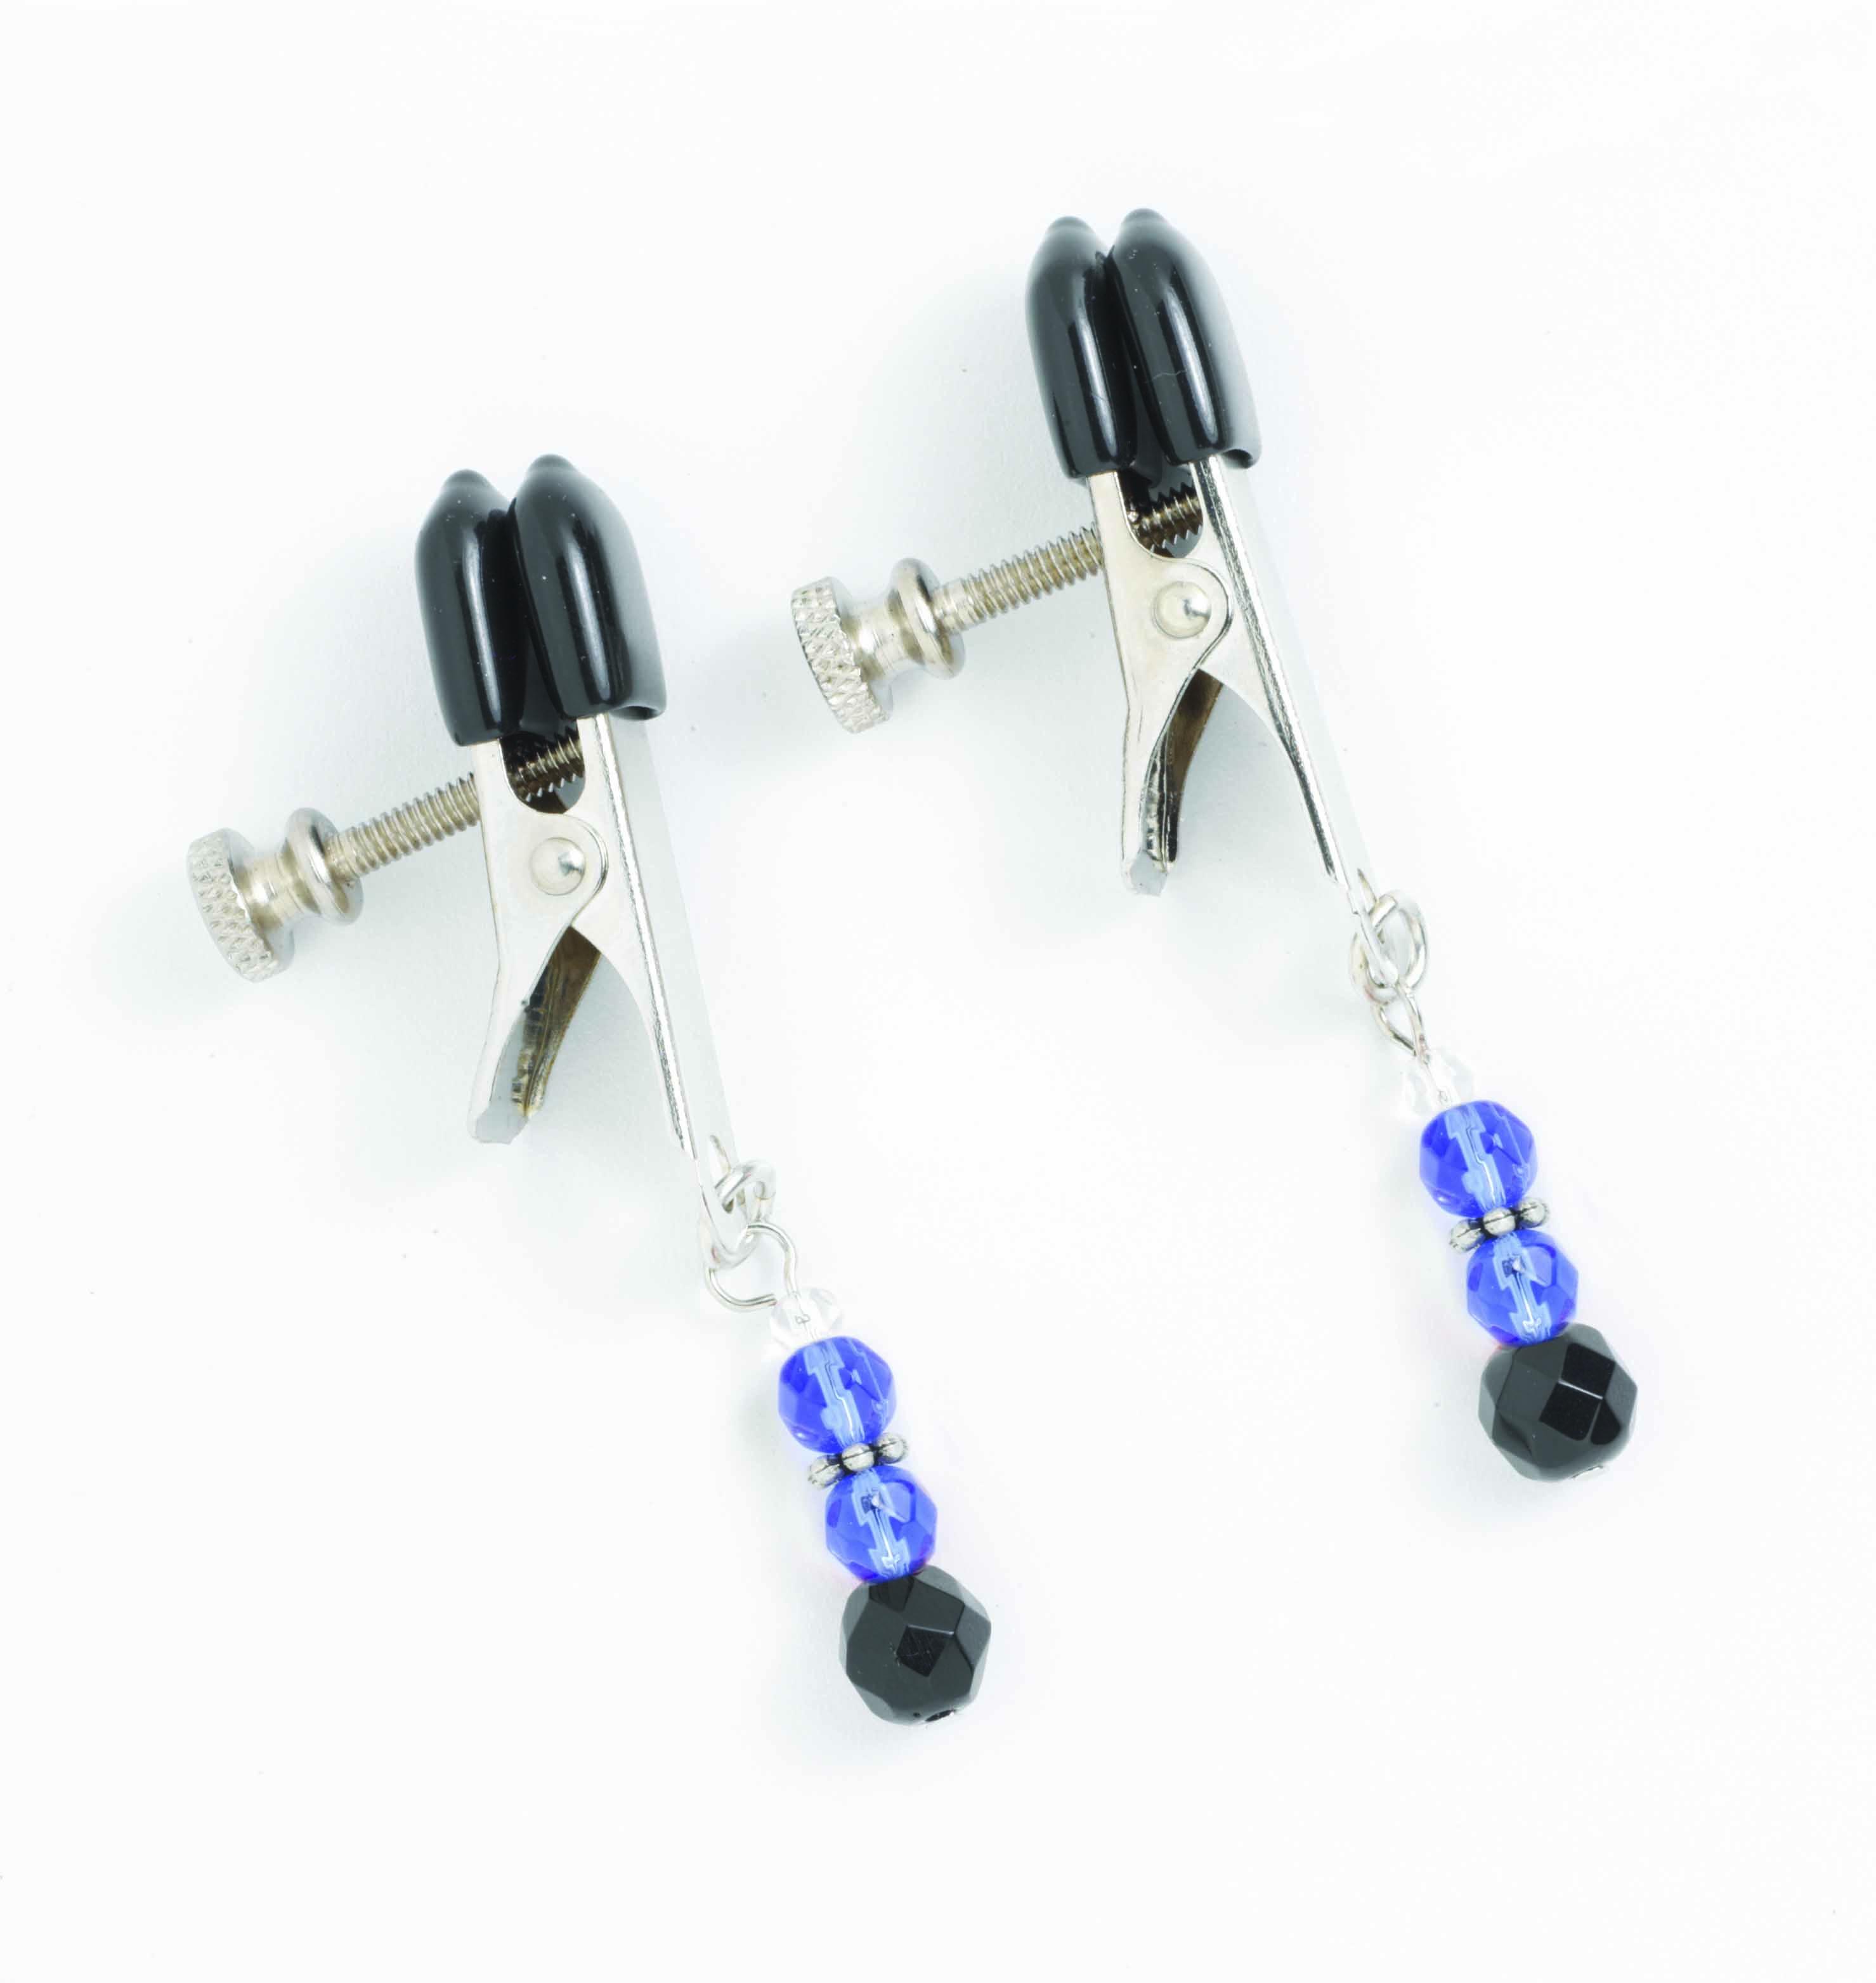 Adj Clamp W/ Blue Beads